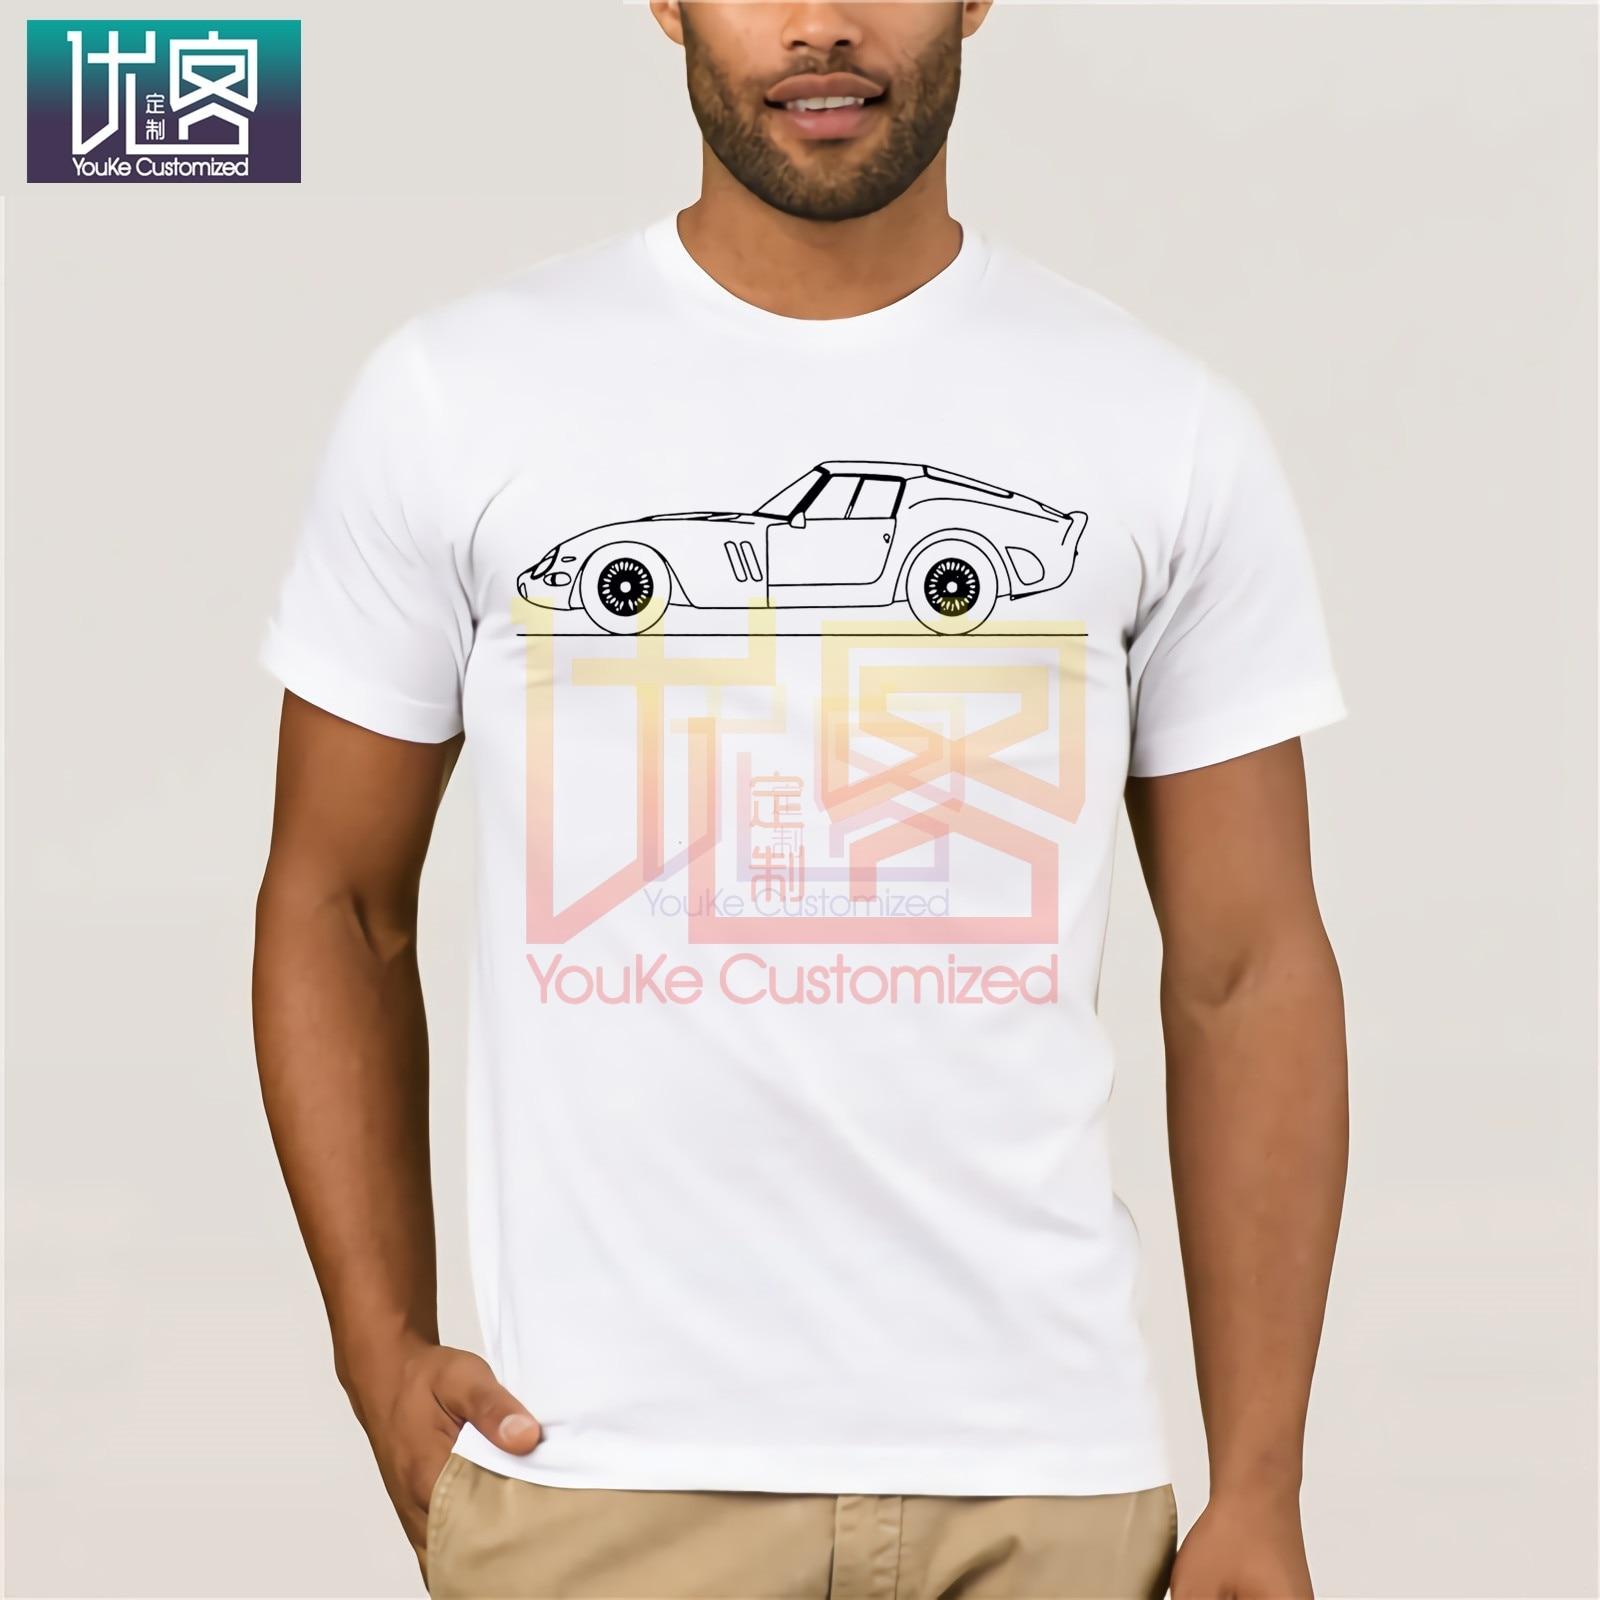 250 novo verão de 100% t camisa do carro t 2020 gto mínimo linha arte camiseta masculina moda algodão roupas mais novo